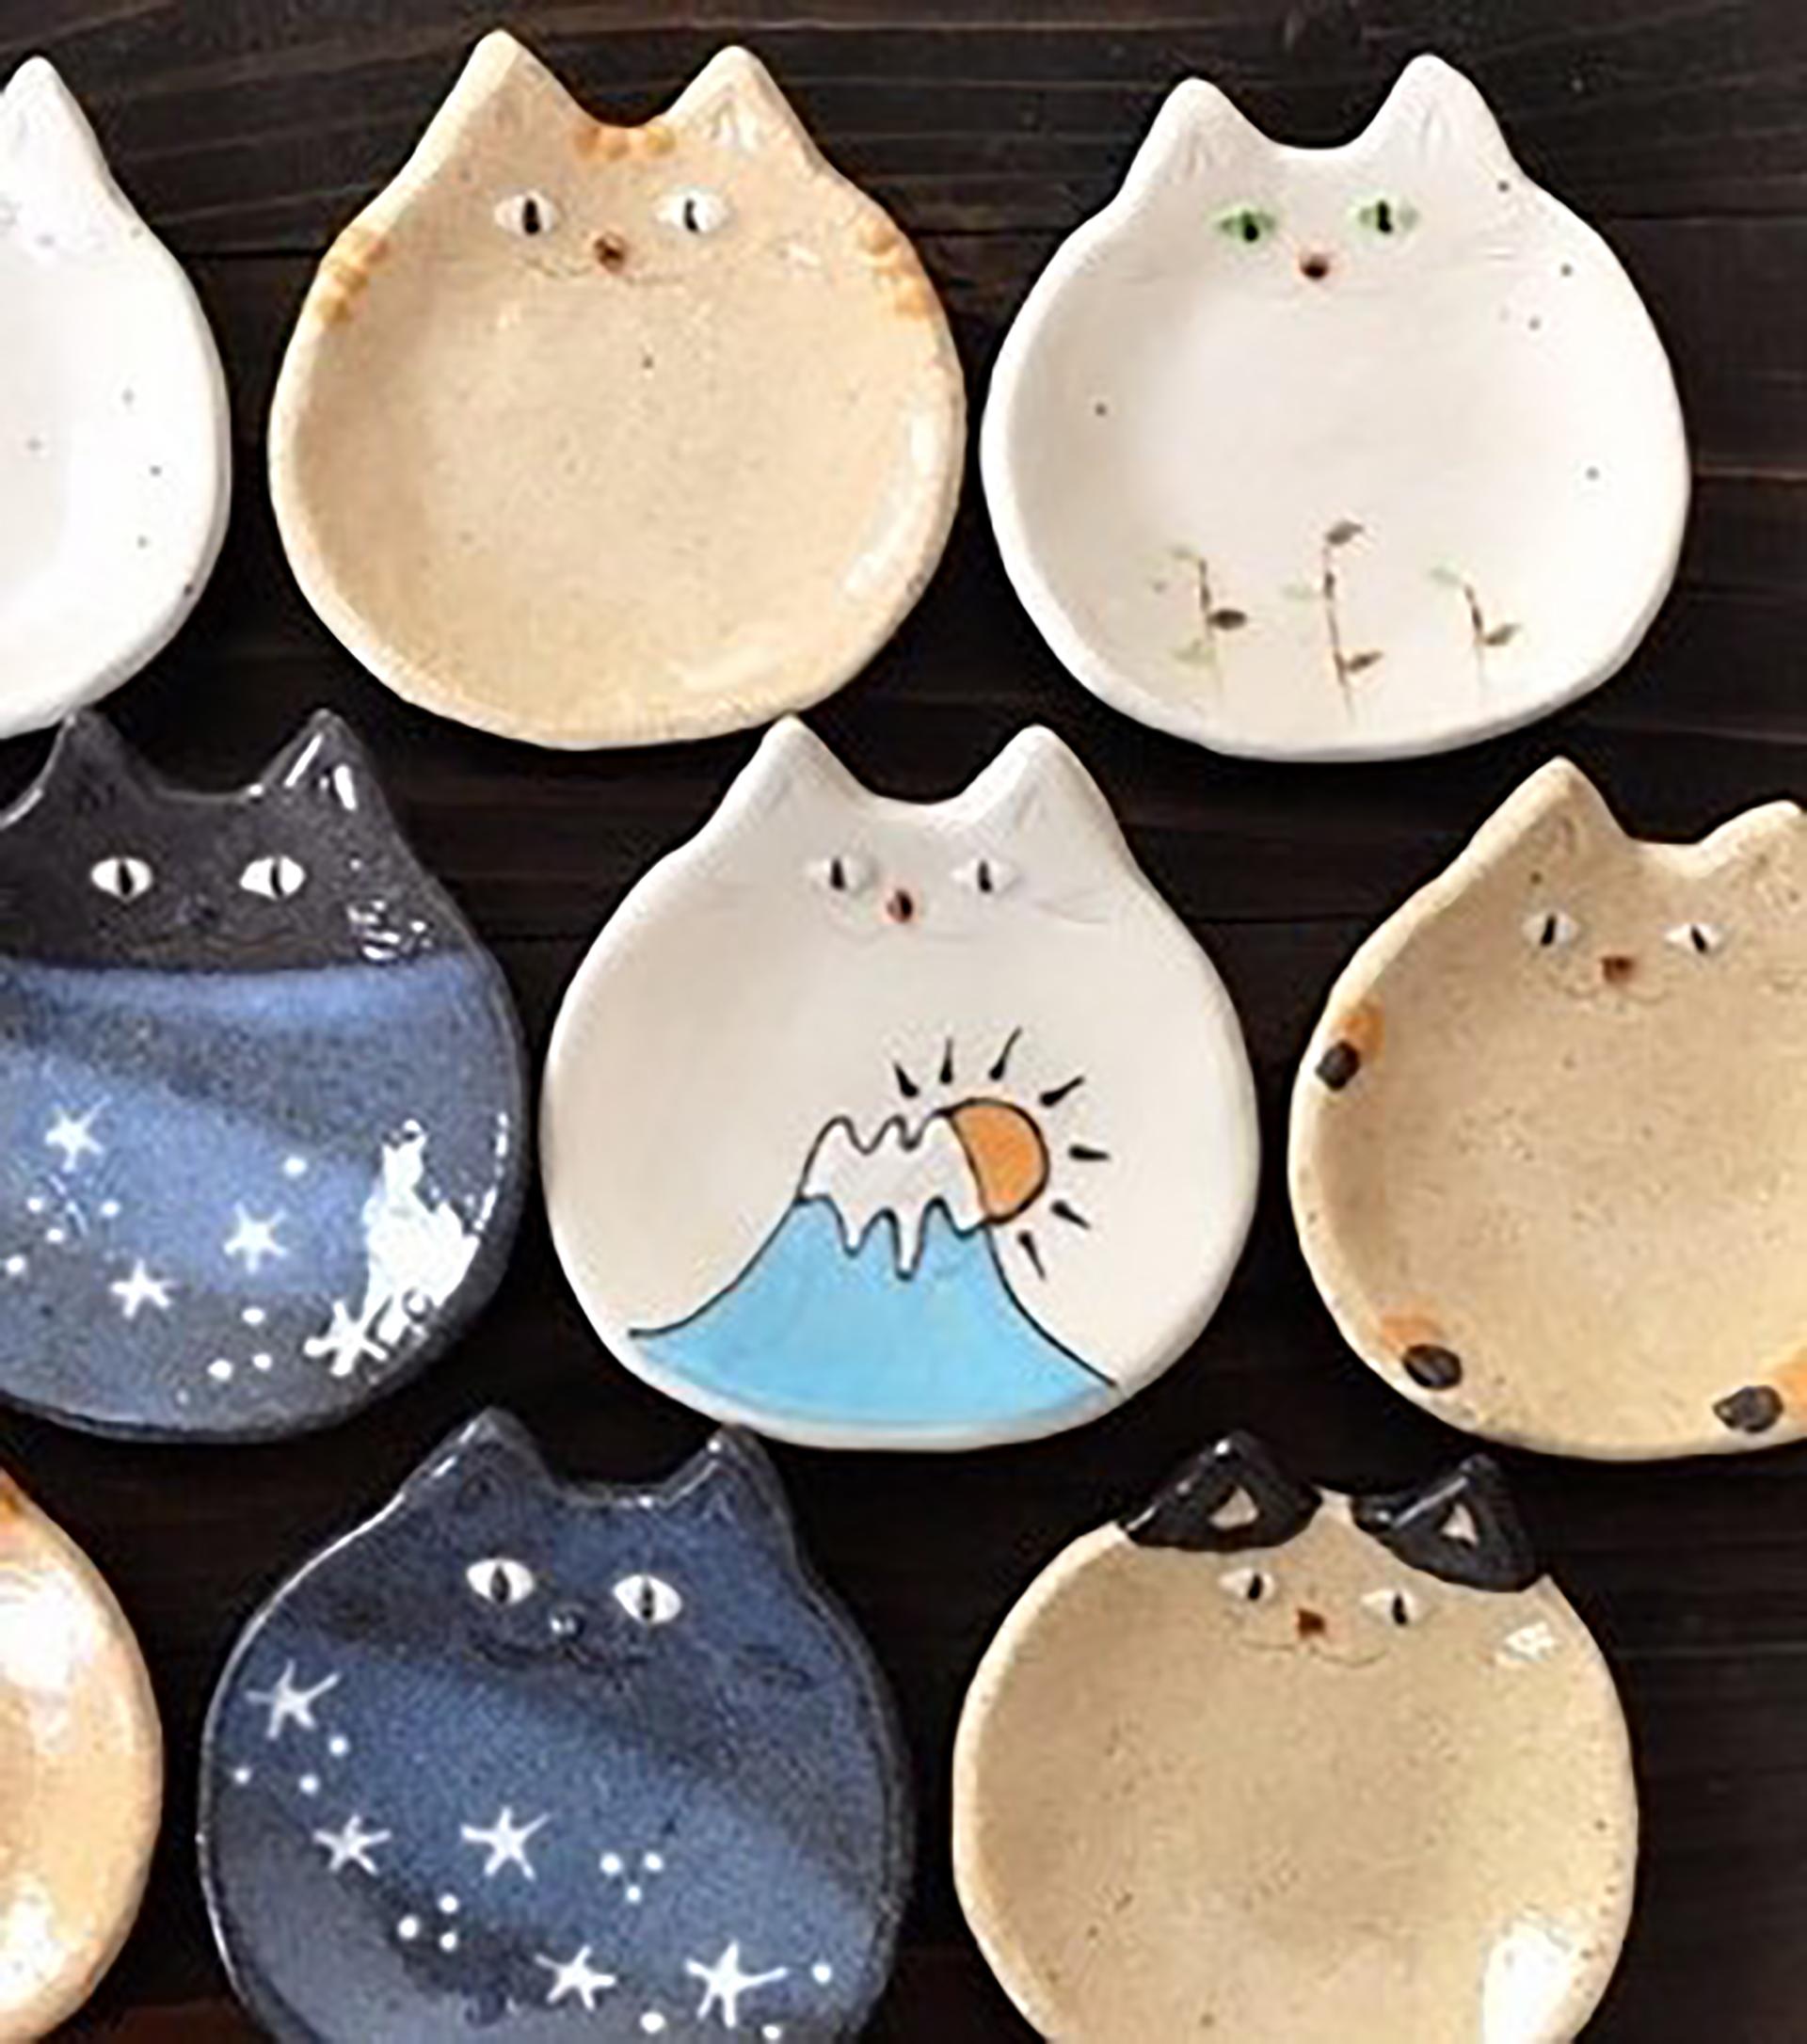 この写真は「暮らしとクリーマ」で開催する「かわいい動物あつめました。」に出展する716zakkaの猫陶器作例